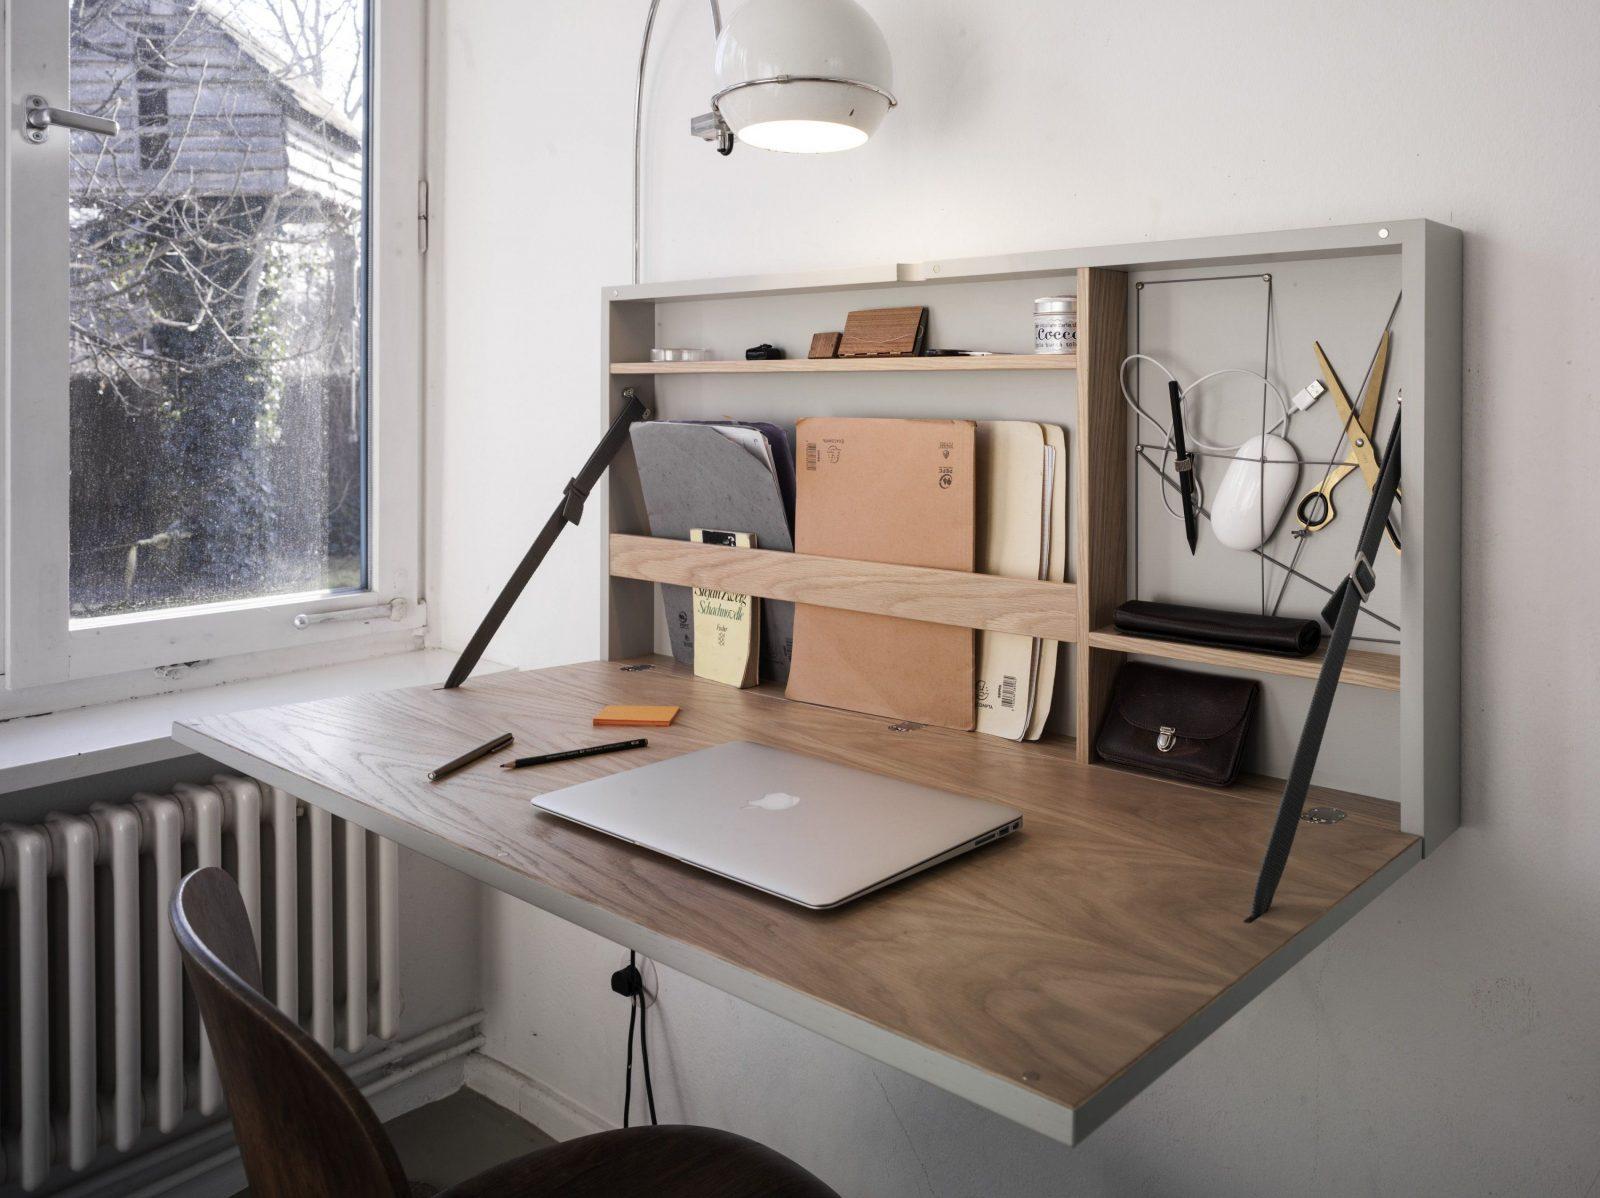 Perfekt Platzsparende Betten Für Kleine Räume Tolles Dekoration Küche Von Betten Für  Kleine Räume Photo